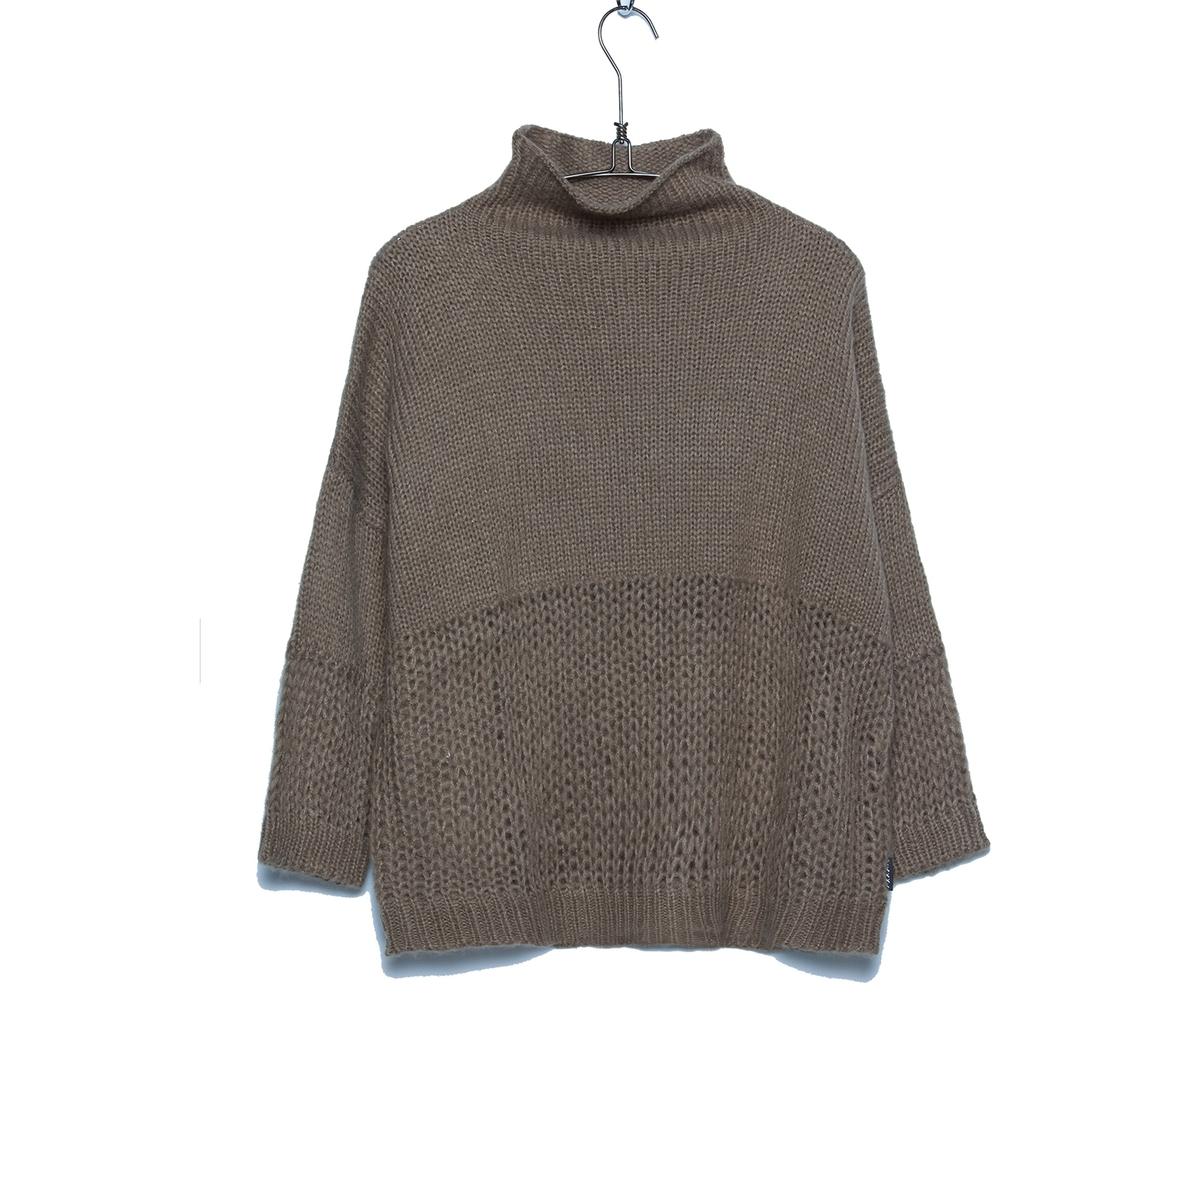 Пуловер с высоким воротником - PRISMA от SCHOOL RAG